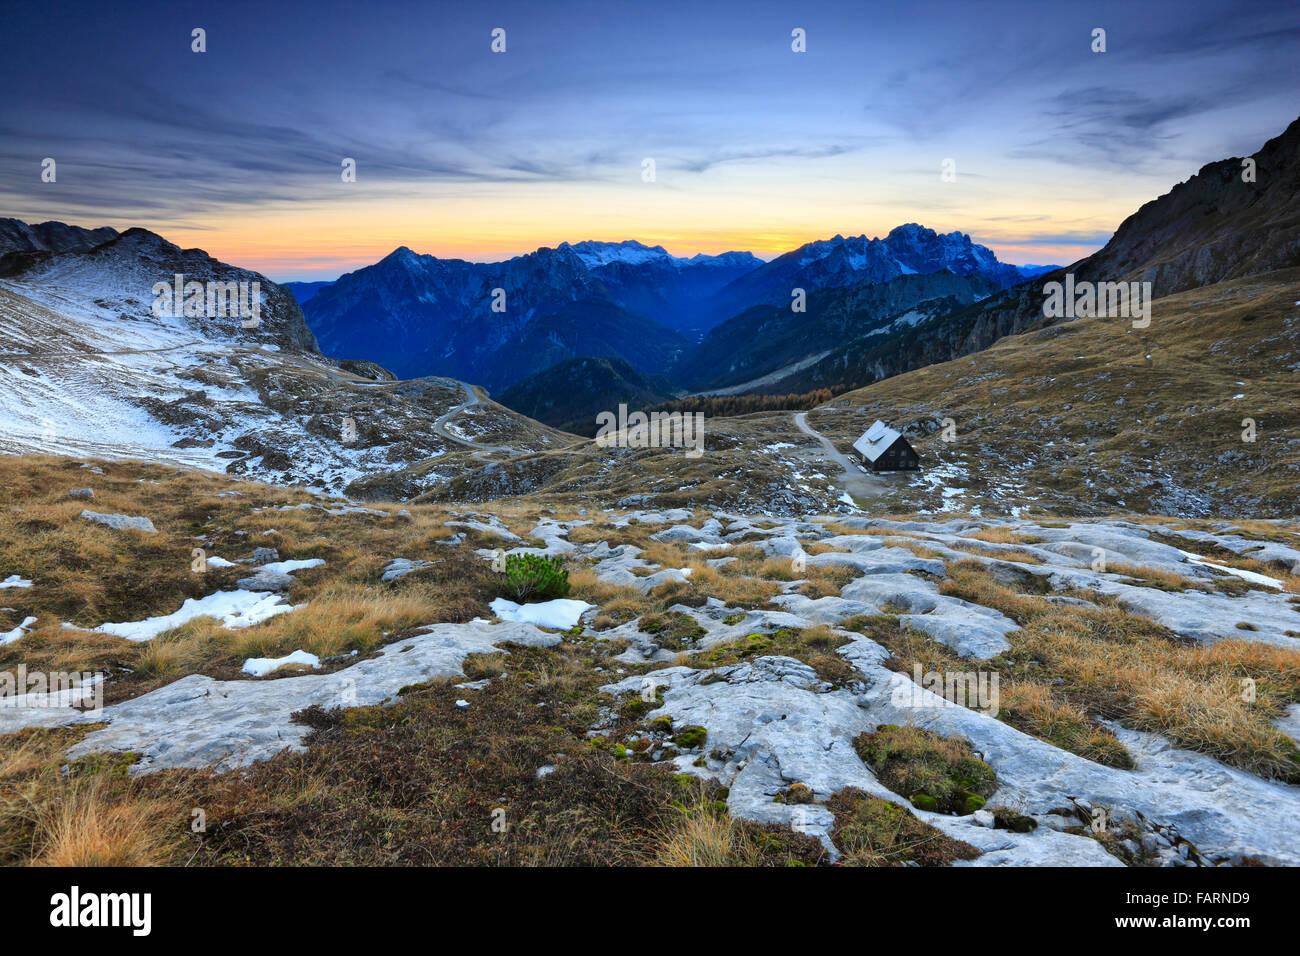 Montagnes paysage coucher du soleil.les Alpes Juliennes en Slovénie et en Italie. Photo Stock